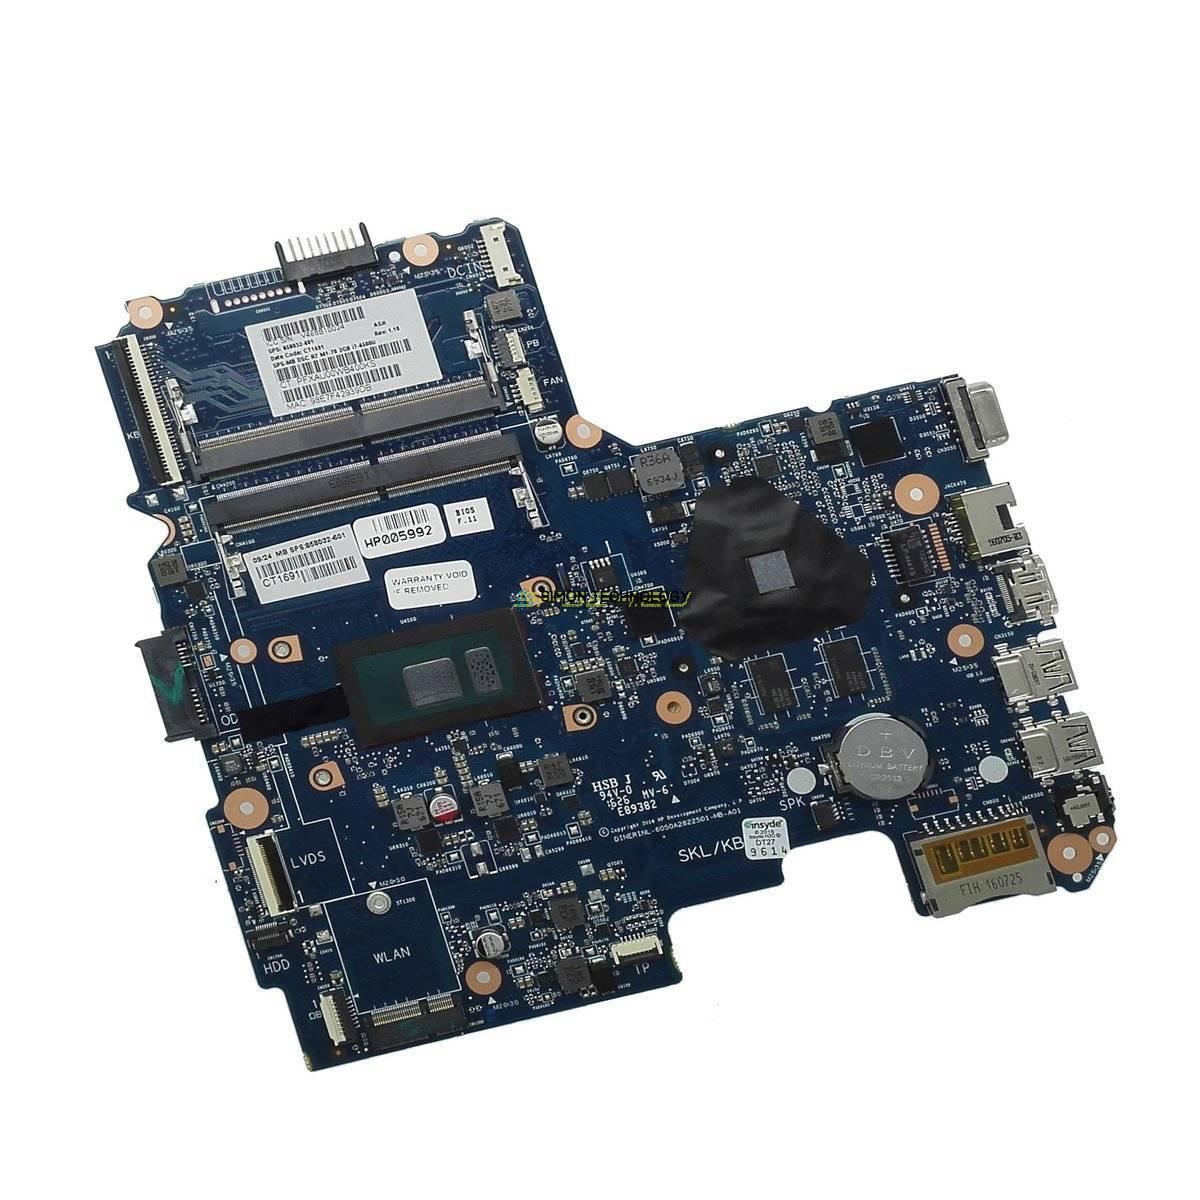 HPI MB DSC R7 M1-70 2GB i7-650 (858032-601)